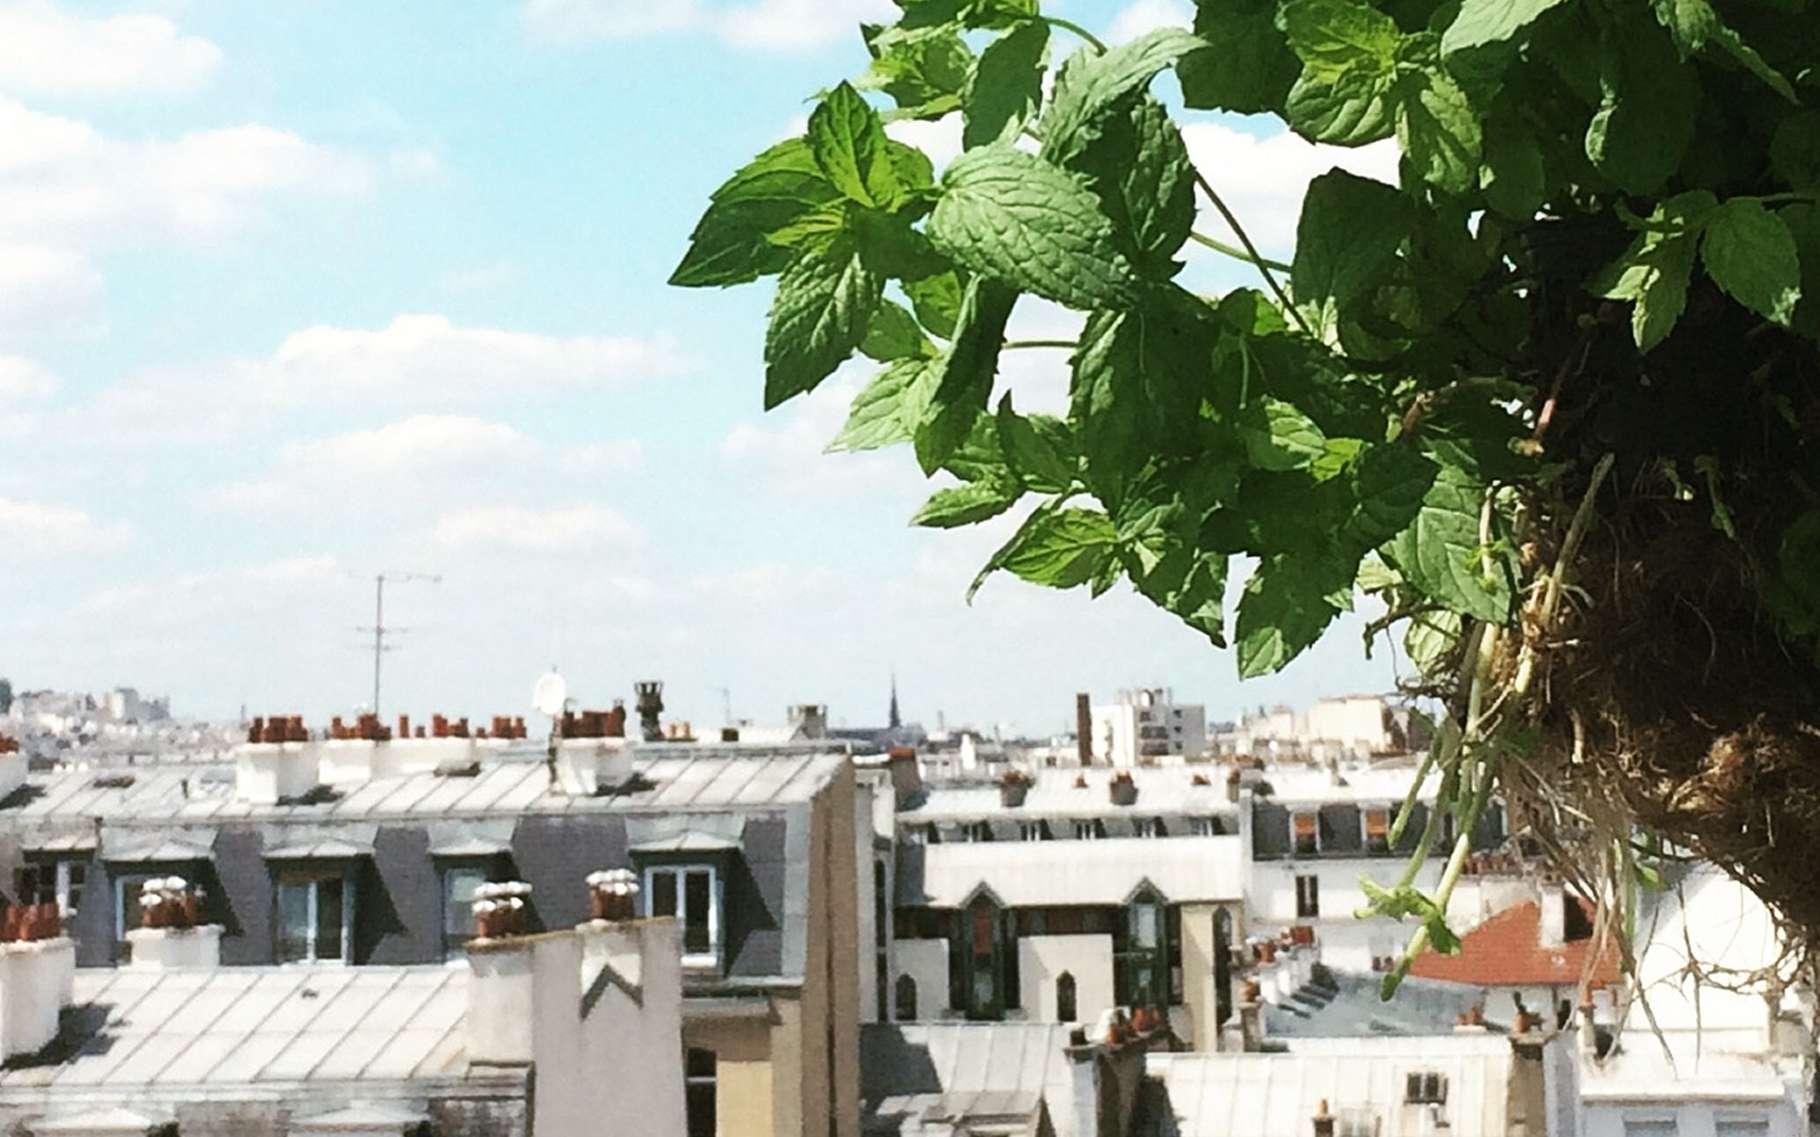 Un plant de menthe a poussé sur un toit de Paris. Cette culture hors-sol, par hydroponie, est une bonne solution pour l'agriculture urbaine. © Aéromate